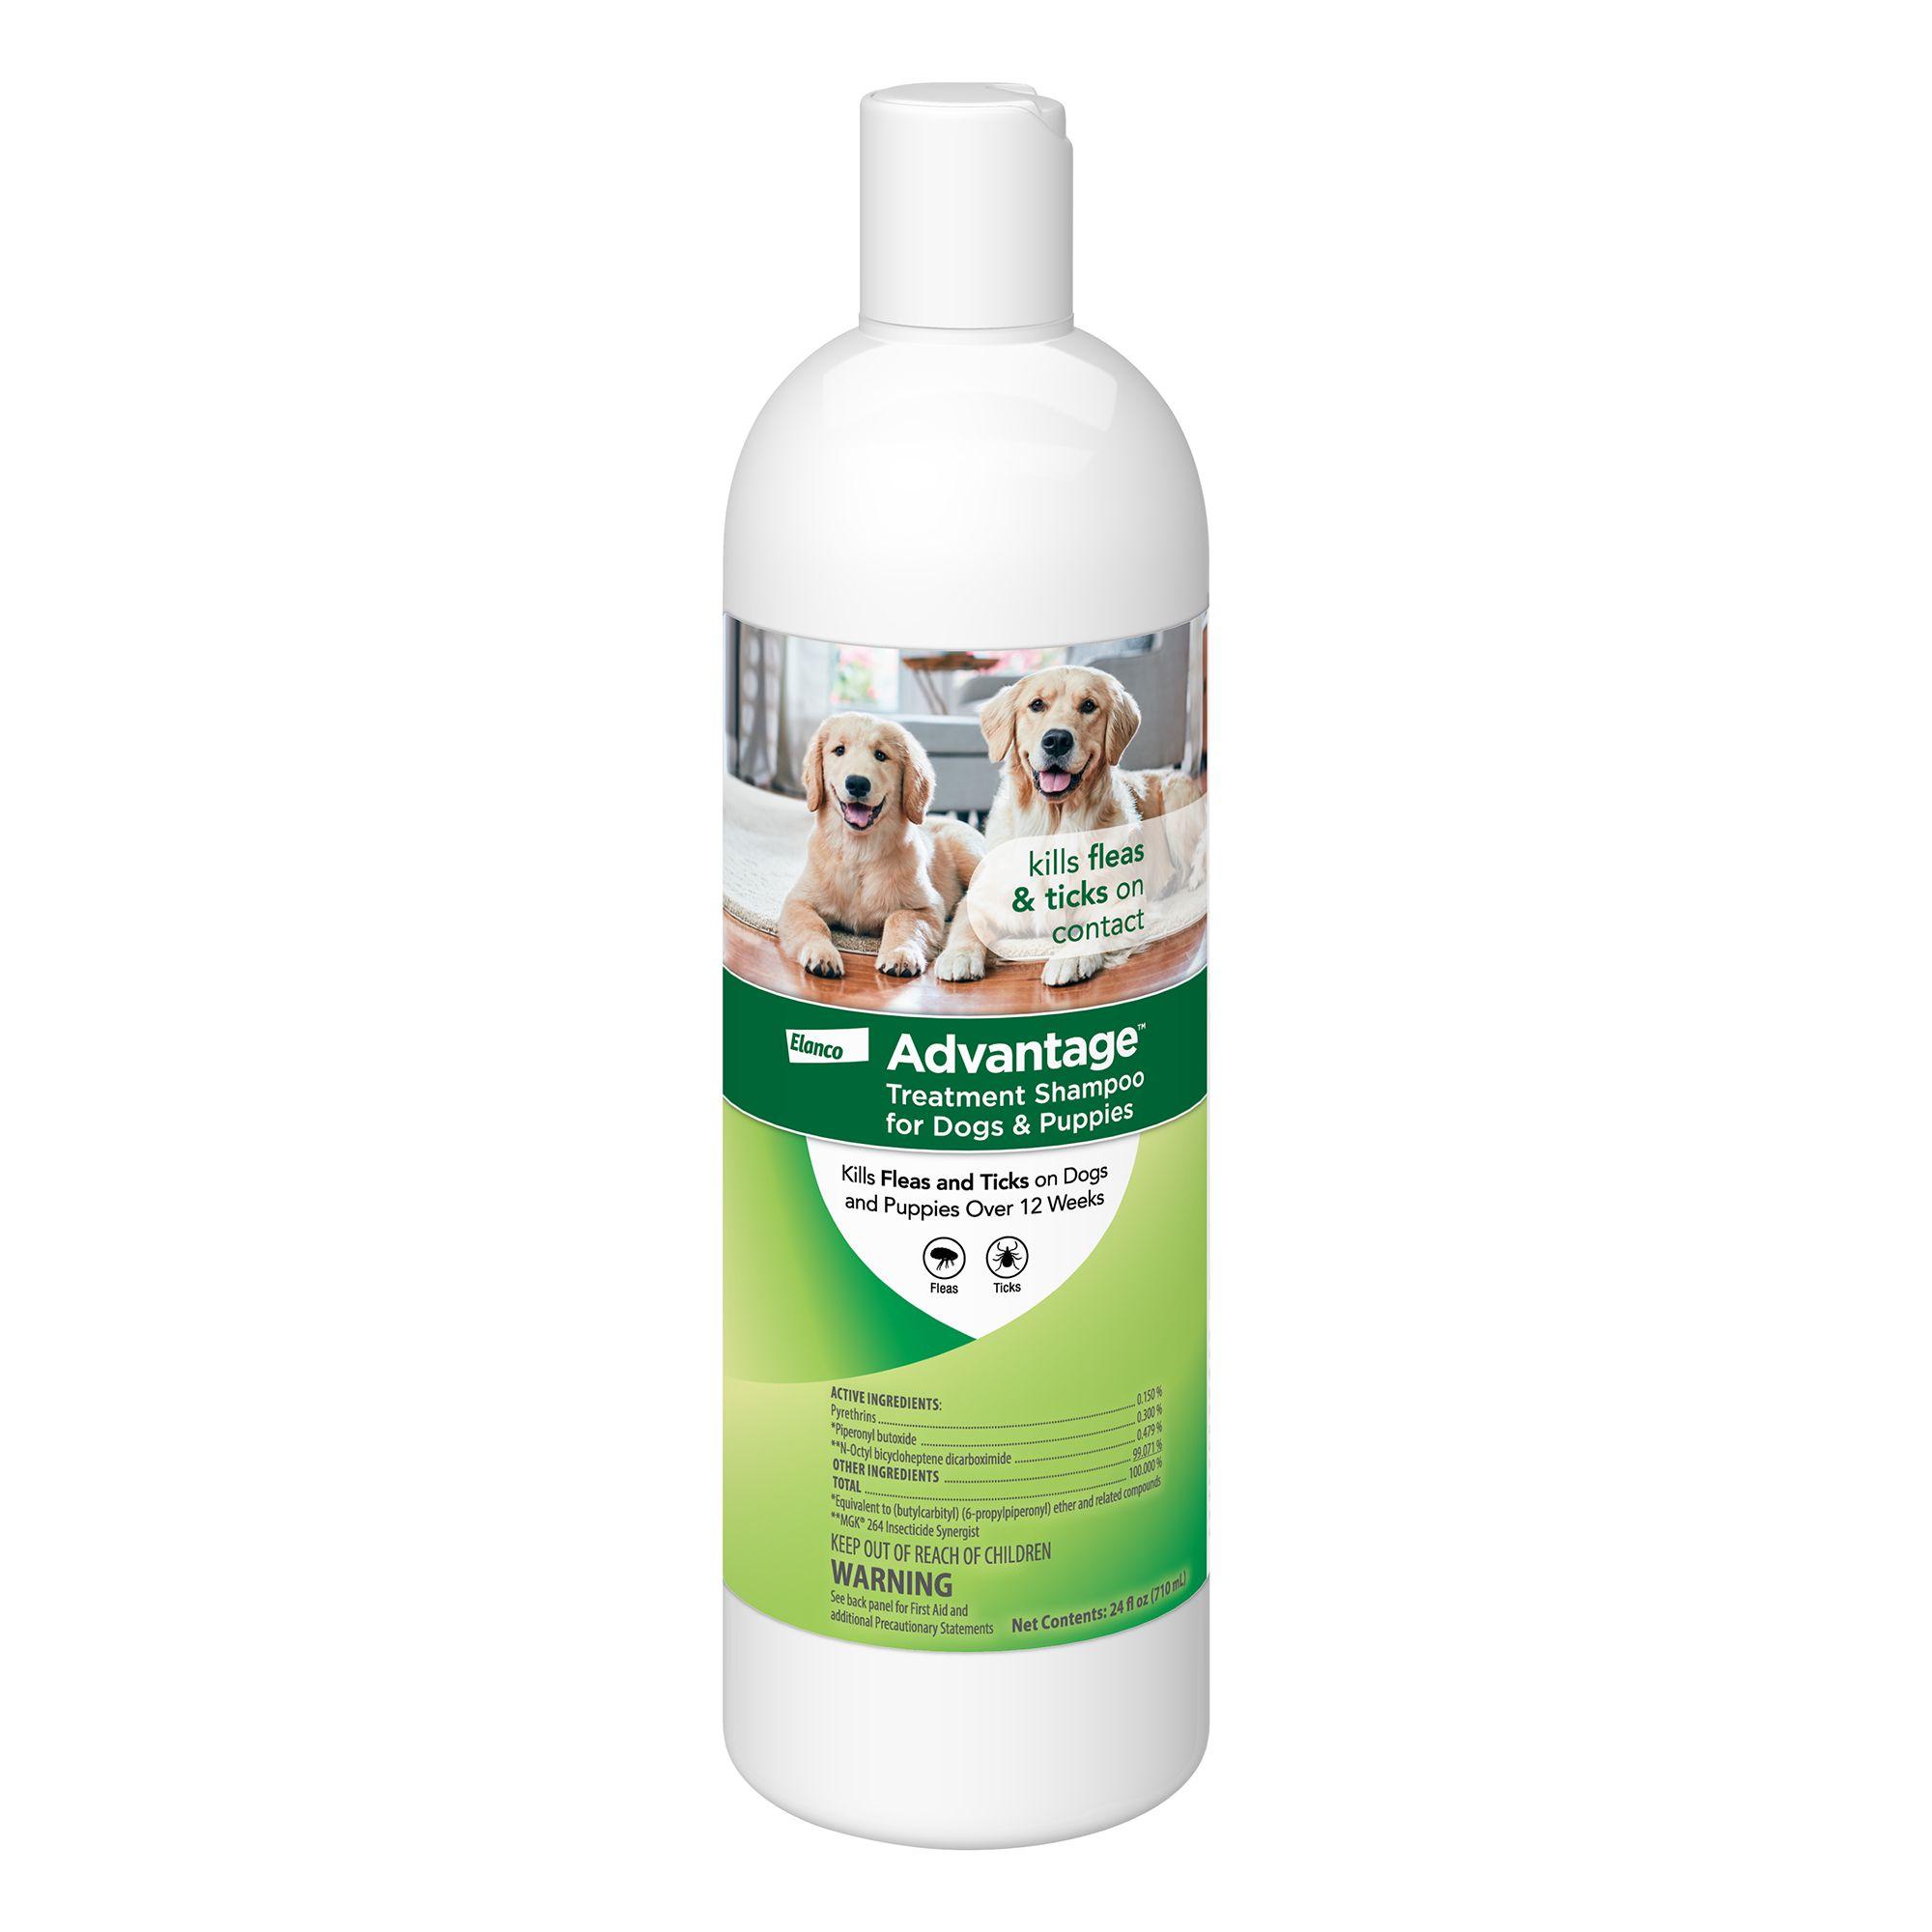 Advantage 24oz Flea And Tick Dog Shampoo